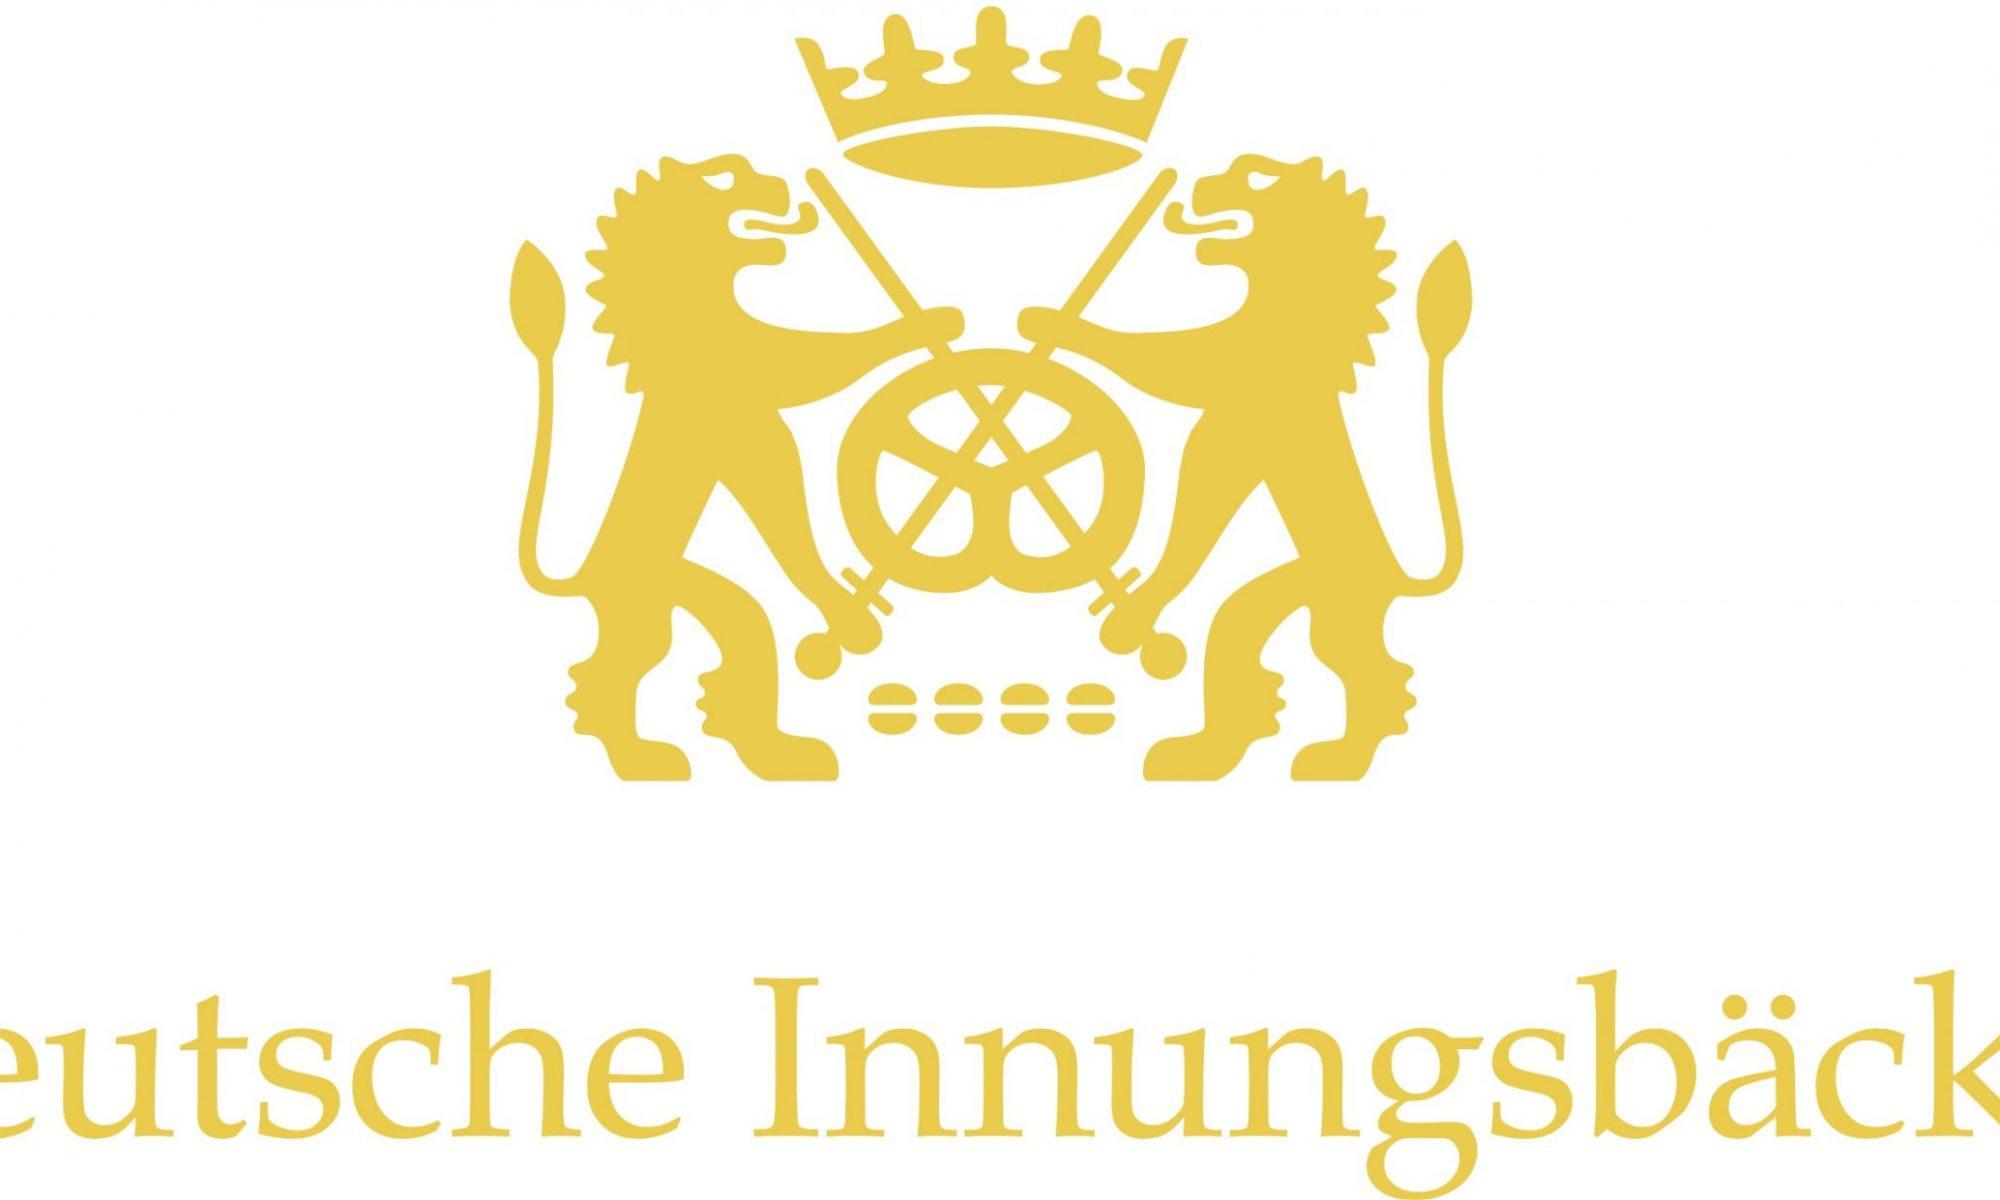 Deutsche Innungsbaecker